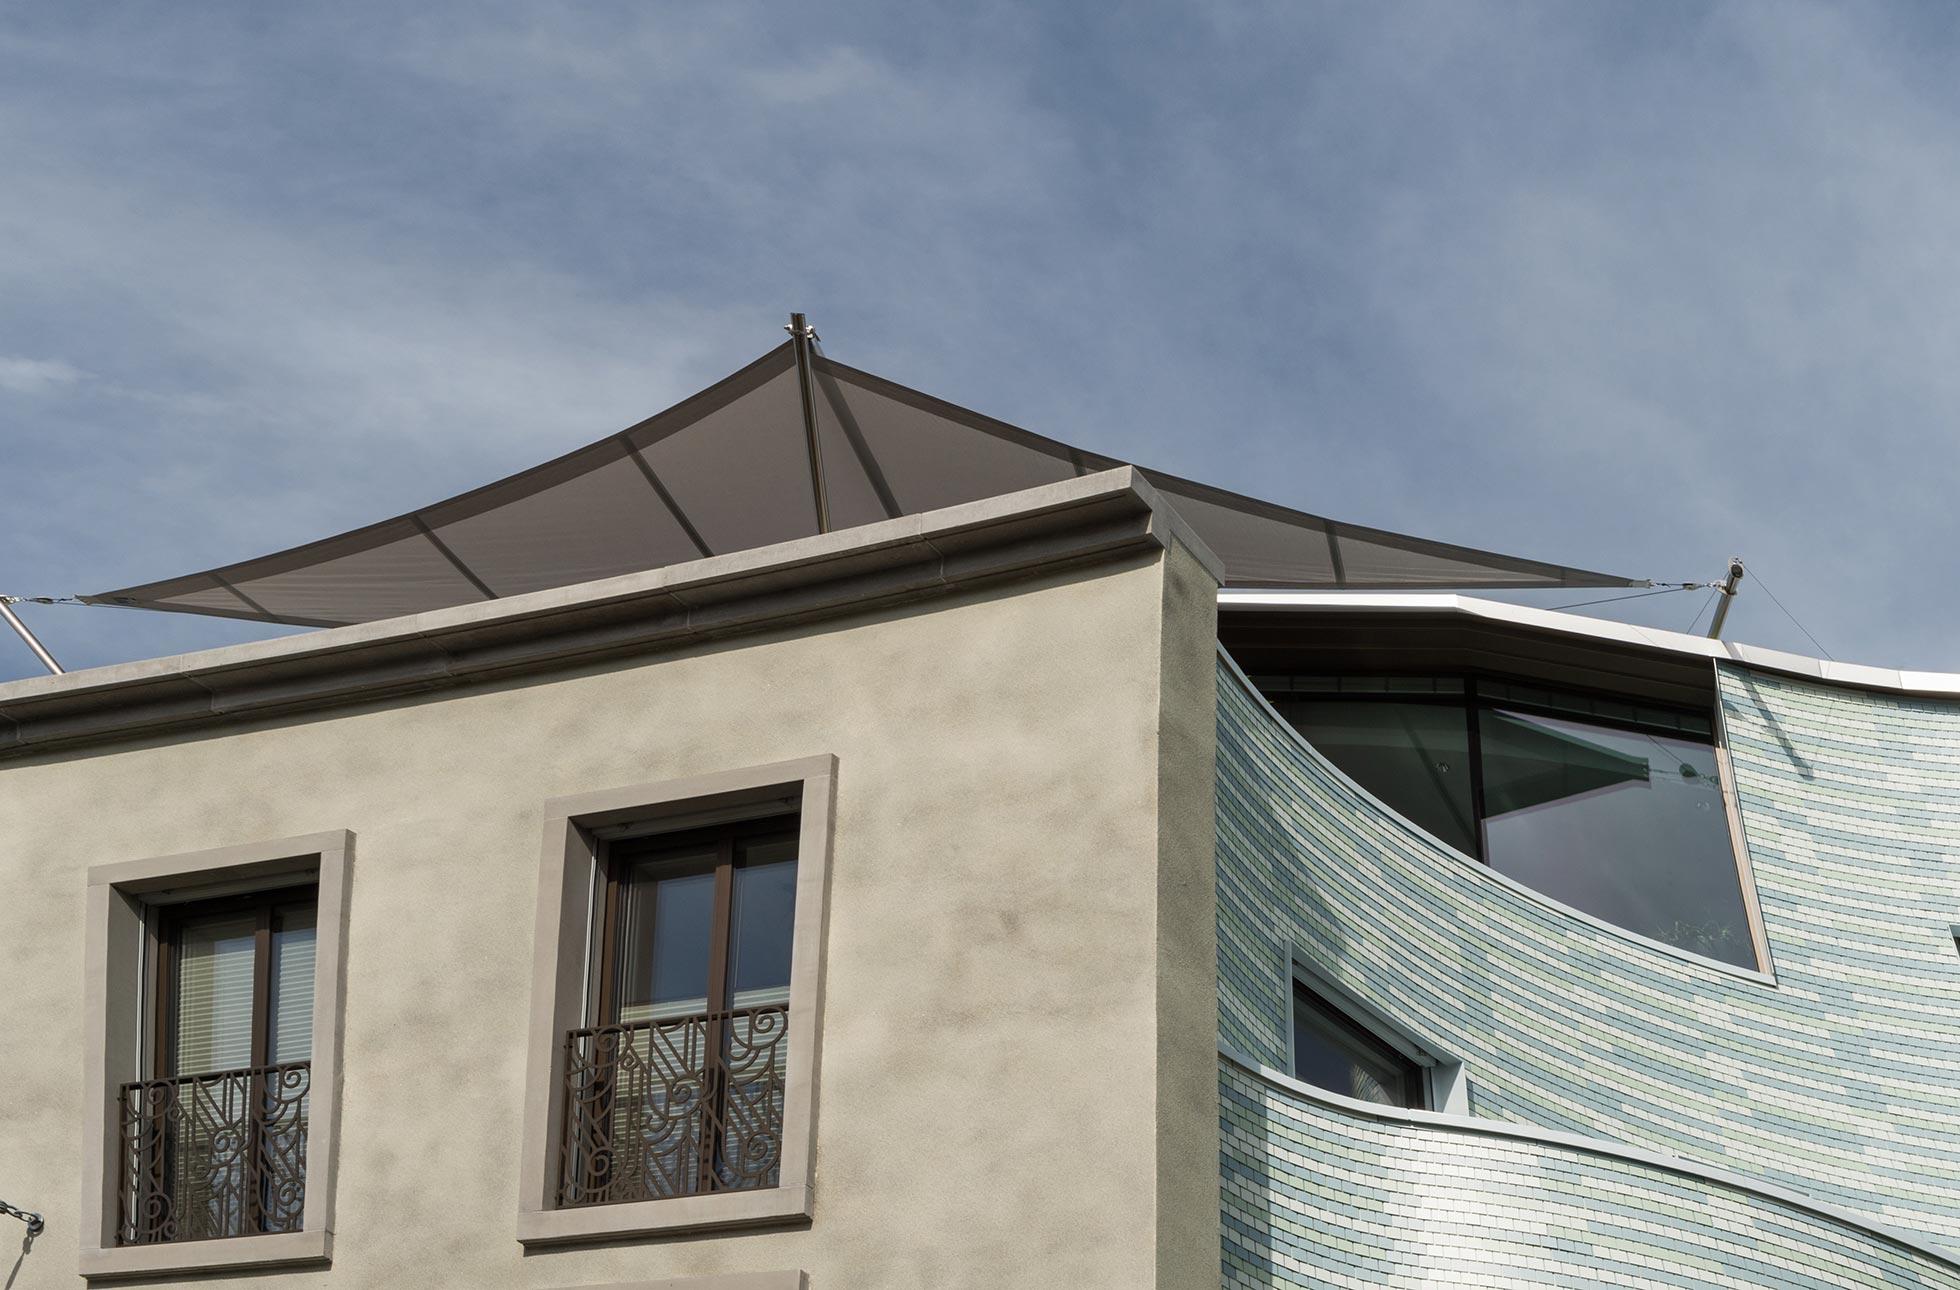 Sonnenschutz rollbar – MFH Einsiedeln